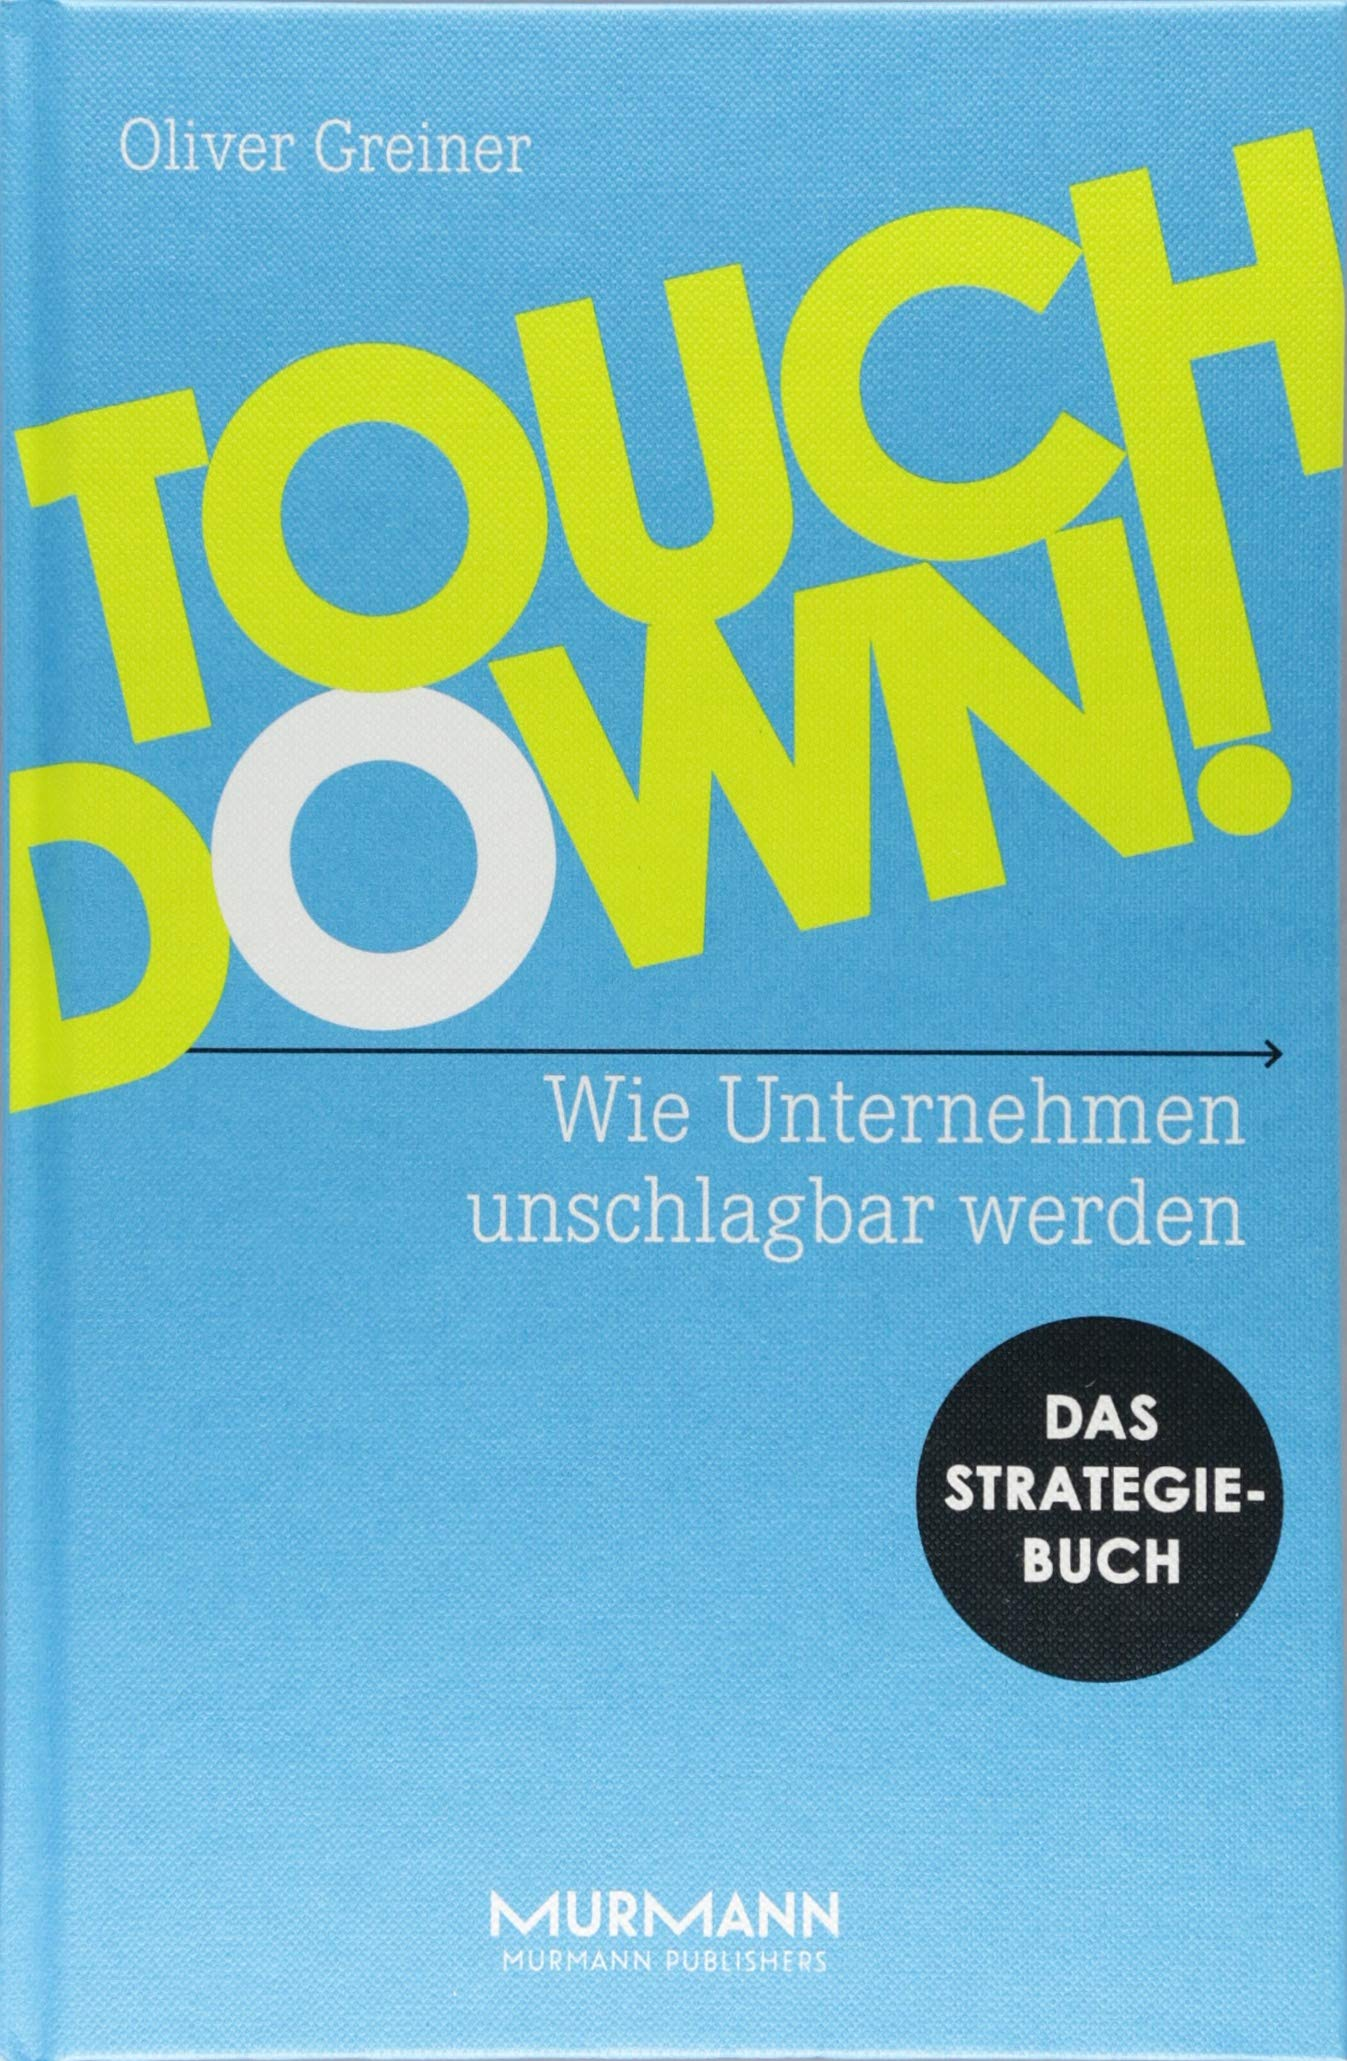 Touchdown! Wie Unternehmen unschlagbar werden. Das Strategiebuch Gebundenes Buch – 10. August 2018 Oliver Greiner Murmann Publishers 3867746095 Wirtschaft / Management